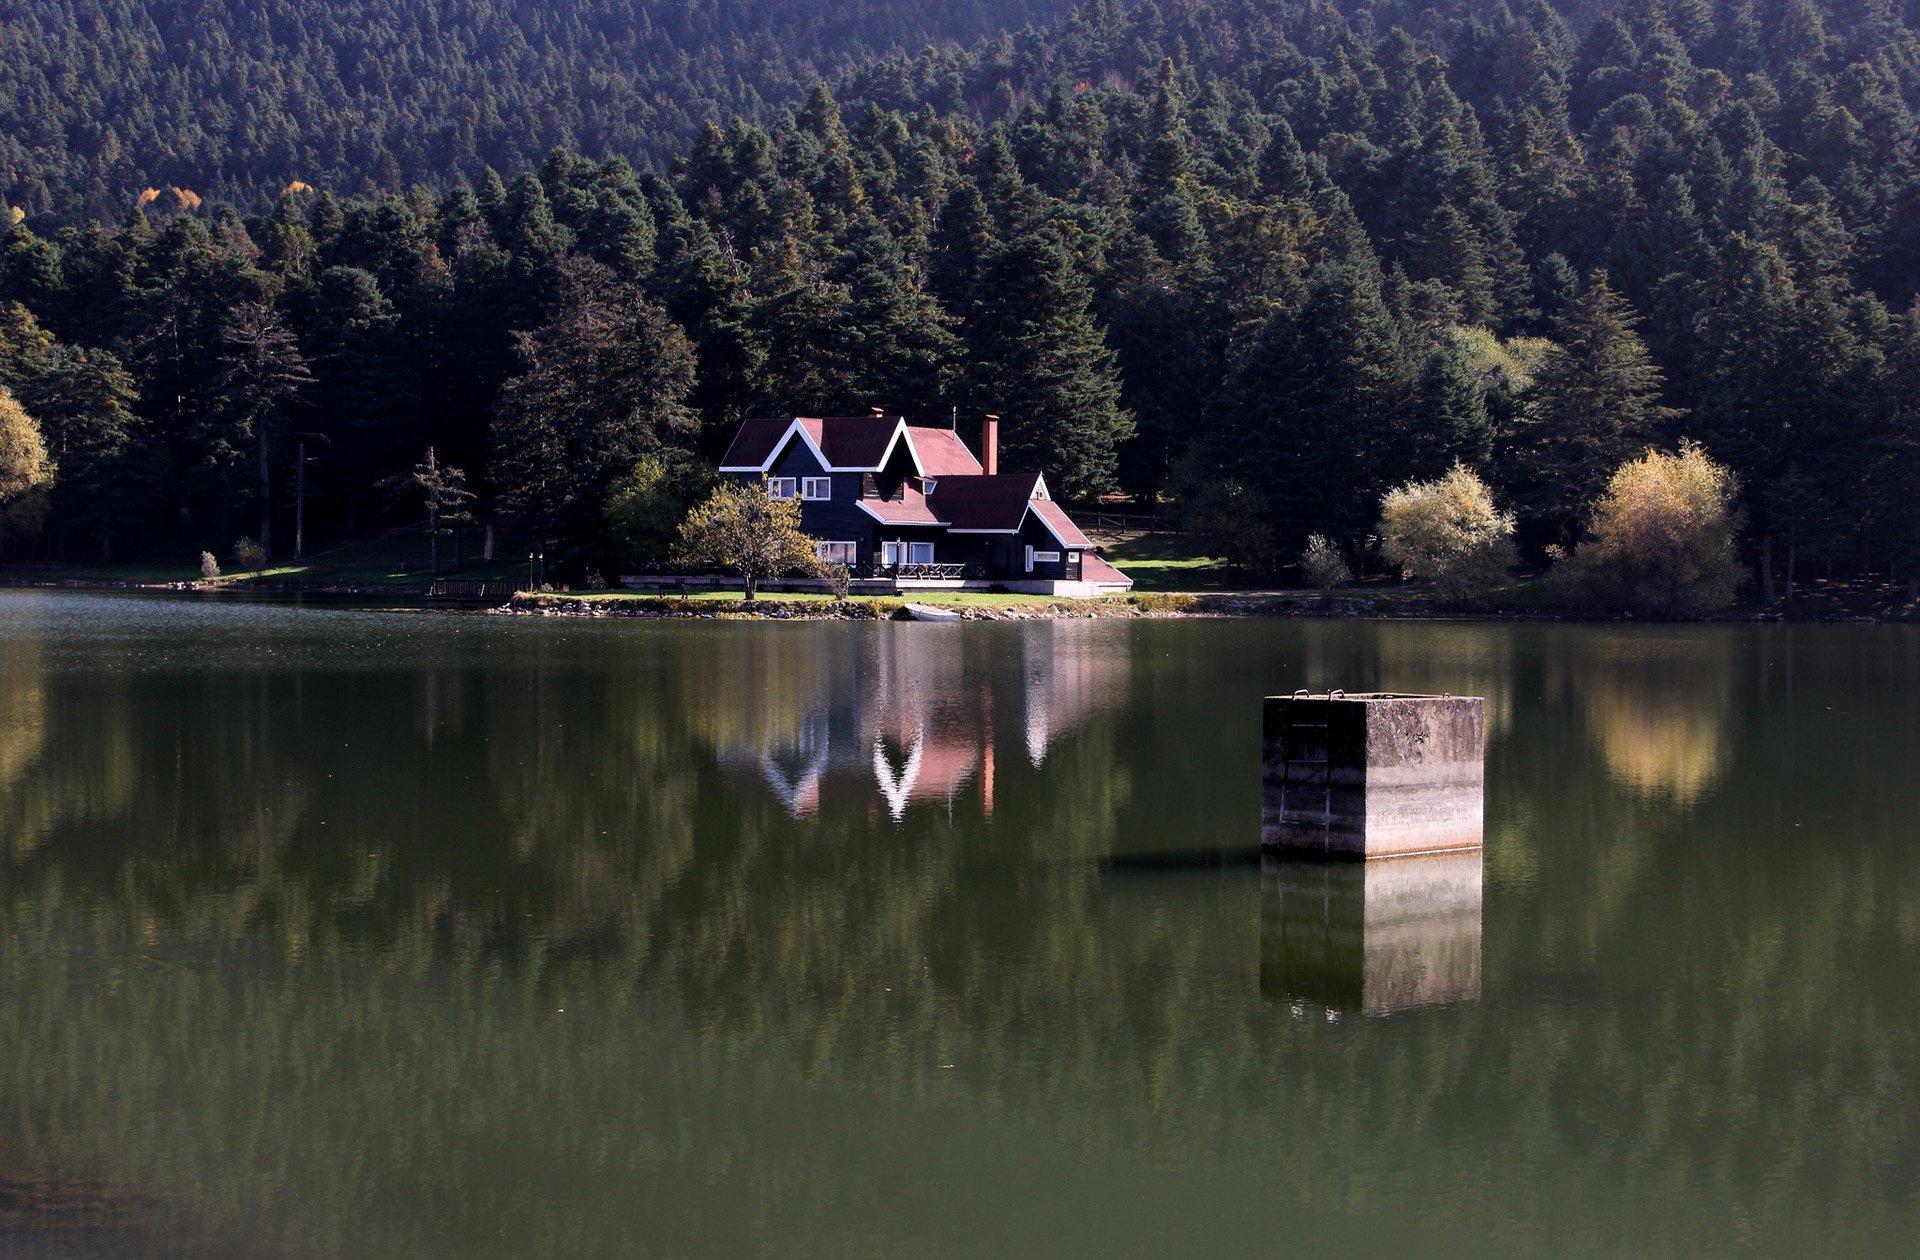 gölcük gölü manzaraları